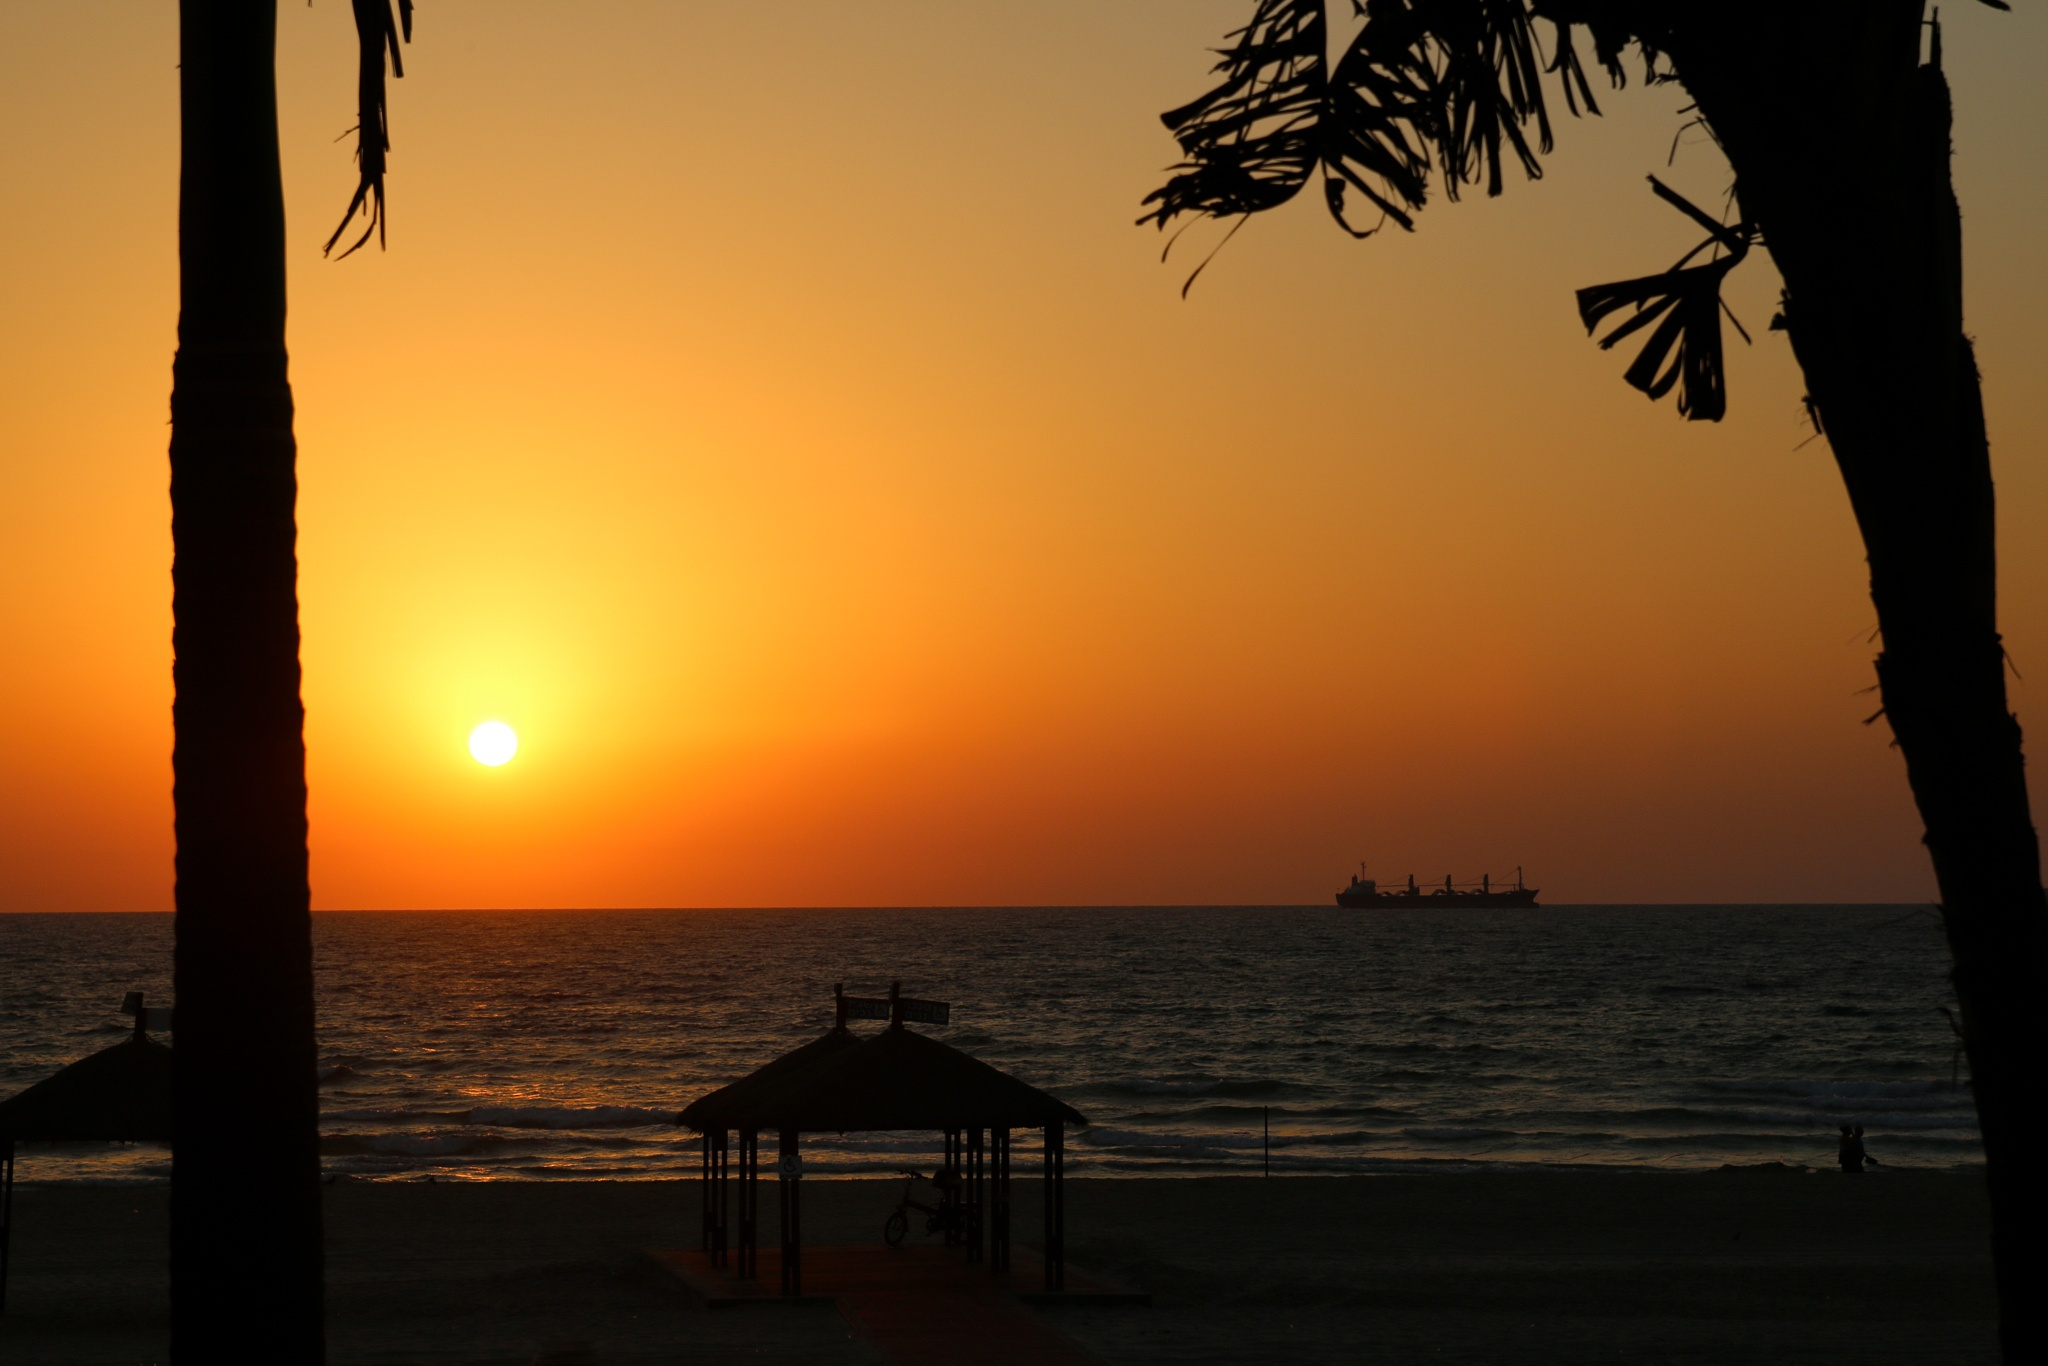 Sunset on the beach by Boris V.